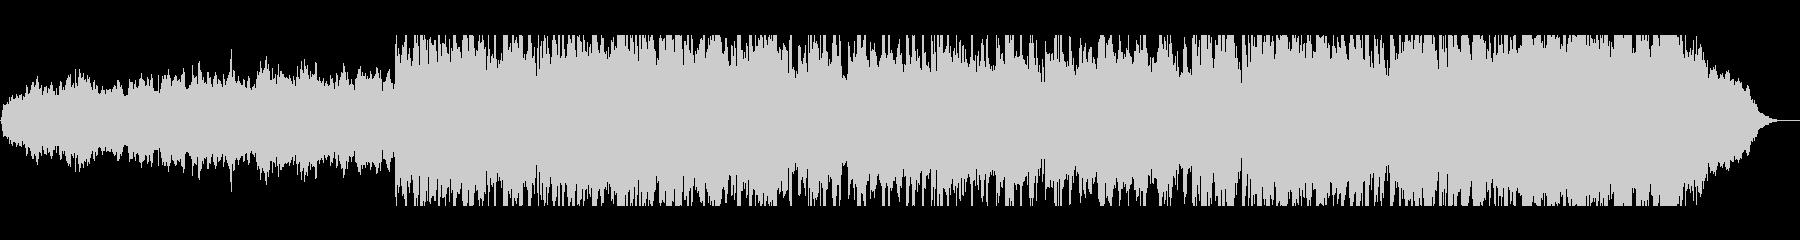 バイオリンとピアノのサウンドトラックの未再生の波形